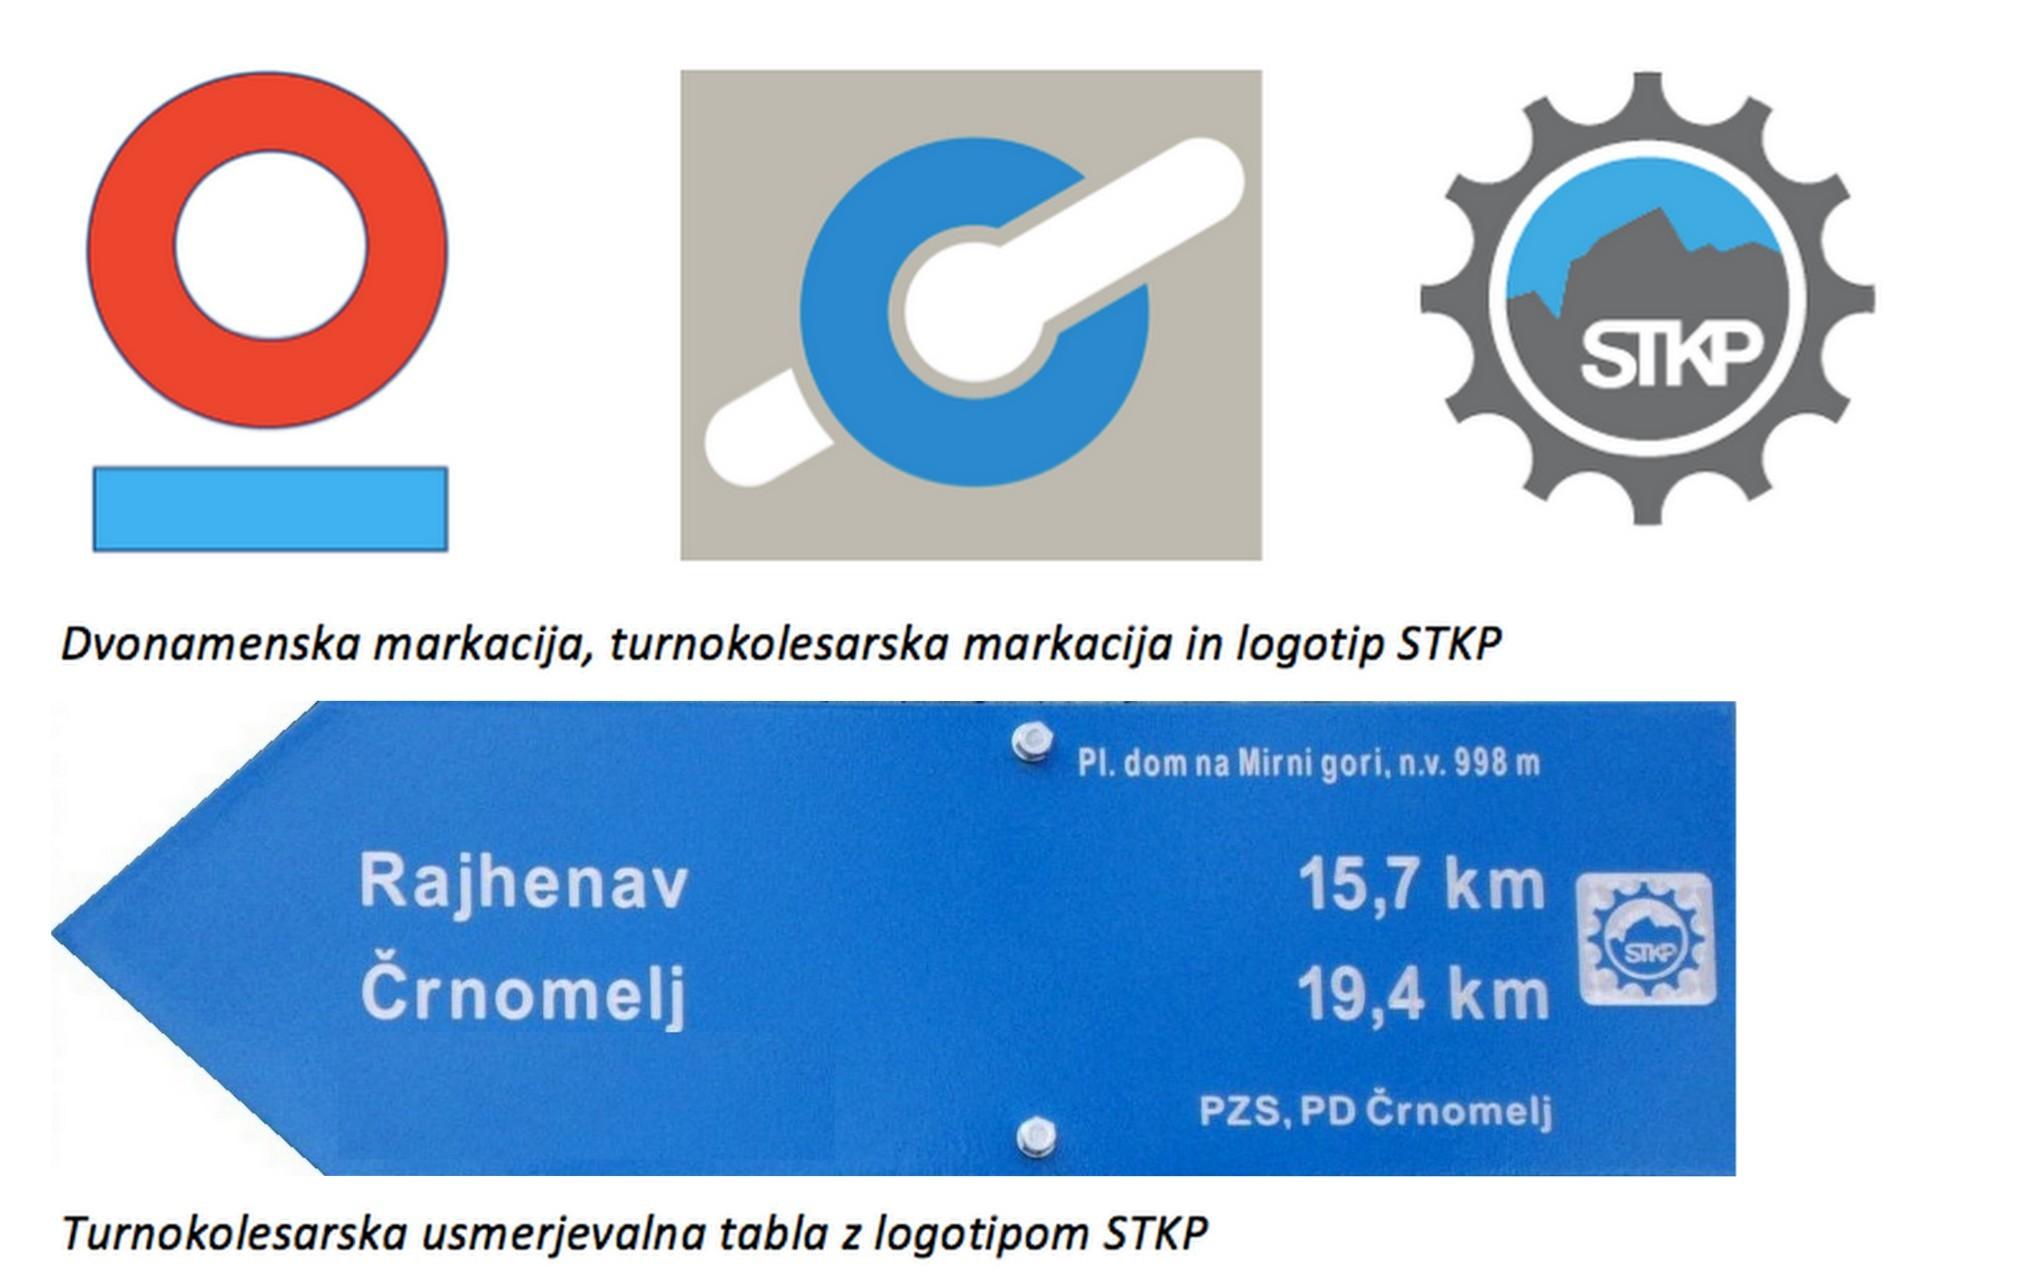 stkp_markacija_logo_usmerjevalna_tabla